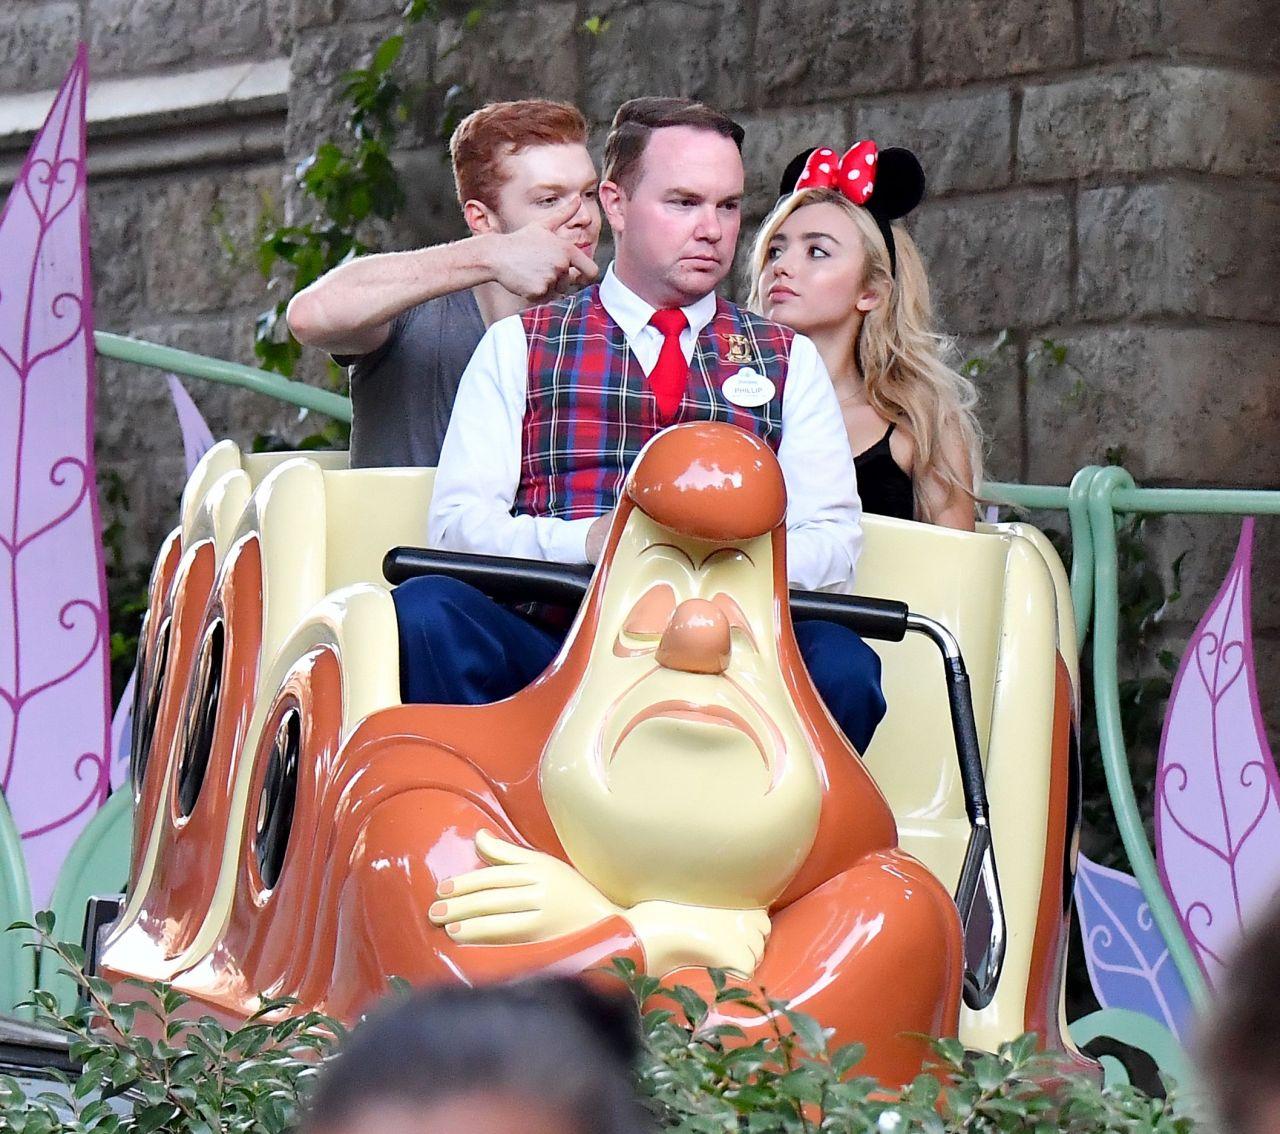 Peyton List - Visited Disneyland with Cameron Monaghan 09/05/2017